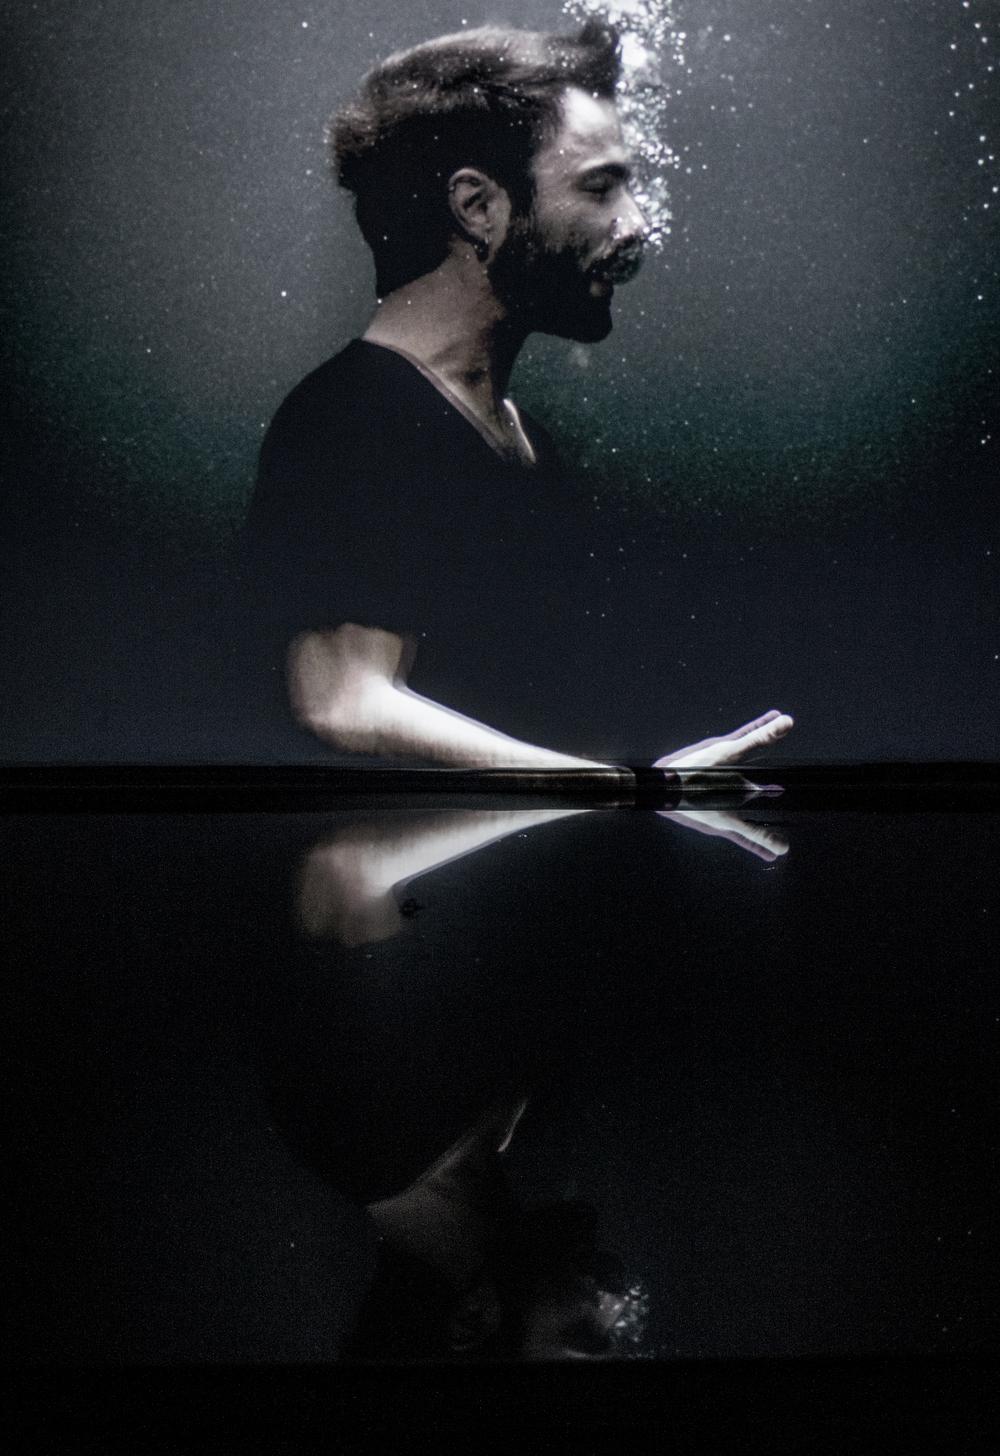 Un mot de l'artiste  y2o navigue en eaux troubles, entre asphyxie et exaltation, entre dévoration et répudiation, entre oui et non – des deux côtés de la peau à la fois. Cette œuvre donne à voir un amour au bord de la dérive, une cellule multimorphe diffractée en de multiples scènes. Chacune de ces scènes triture les nœuds émotifs qui se font et défont dans l'abrasion du quotidien et observe les polarités croisées dont sont faites les amours sans répit. Dans cet espace-temps élastique, suspendu hors du réel, deux intériorités entrent en collision. Si lui ressent quelque chose, elle ne le ressent pas et vice-versa jusqu'au vide, là où l'on n'éprouve plus rien, à force d'émotions. y2o trace son sillon dans l'intime, ce territoire hasardeux où l'on hésite sans cesse entre ce que l'on dérobe au regard de l'autre et ce que l'on choisit de montrer. L'un comme l'autre pourrait nous perdre. L'un comme l'autre pourrait vous mener à se retrouver.